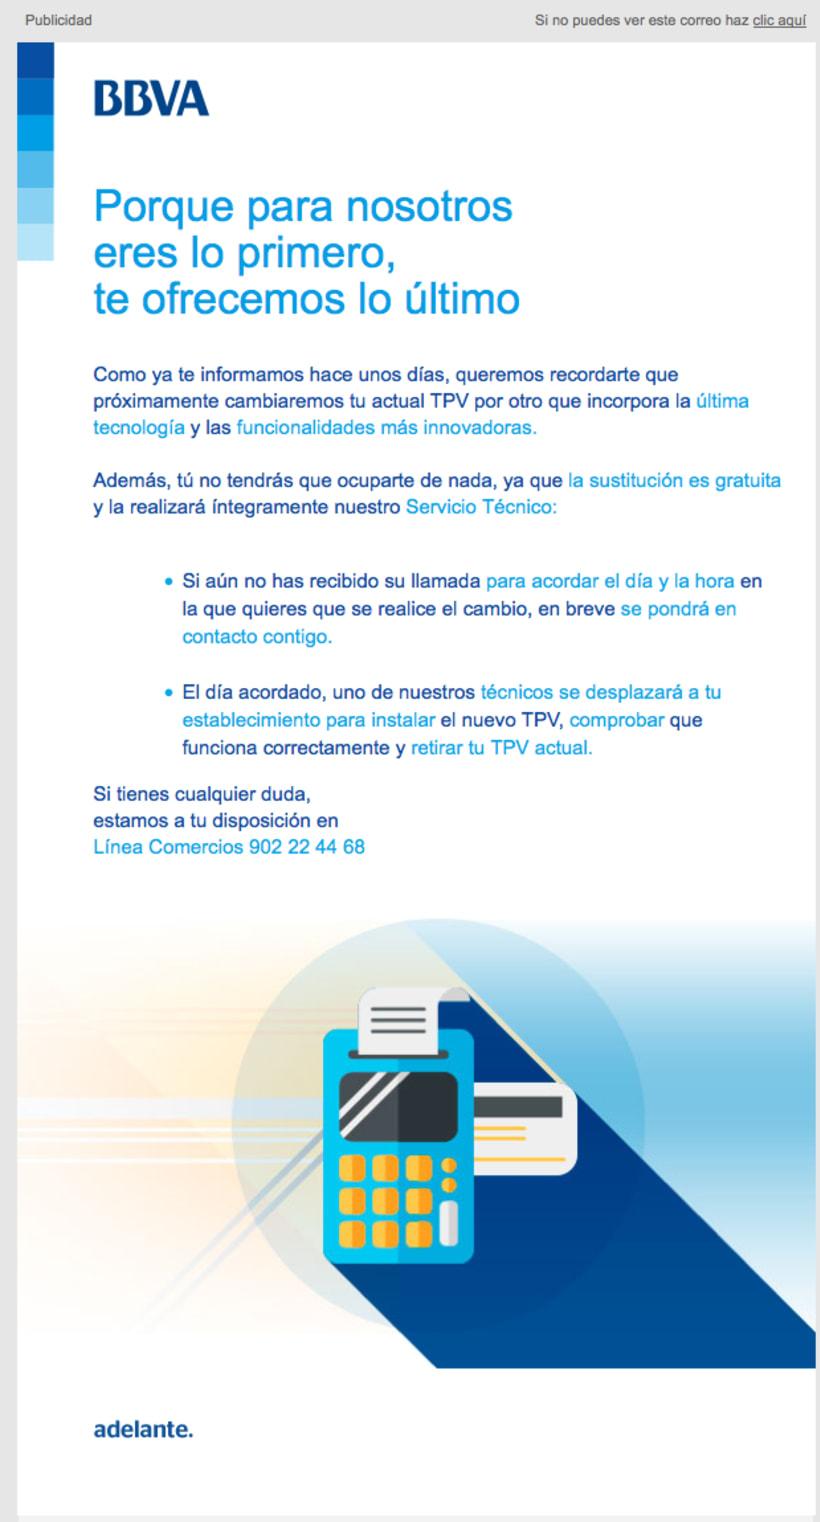 Redacción de contenidos y supervisión de campaña online para BBVA. Desarrollo de Landings RESPONSIVE. Desarrollo de Emails RESPONSIVE. Desarrollo de Campaña de Banners. 2